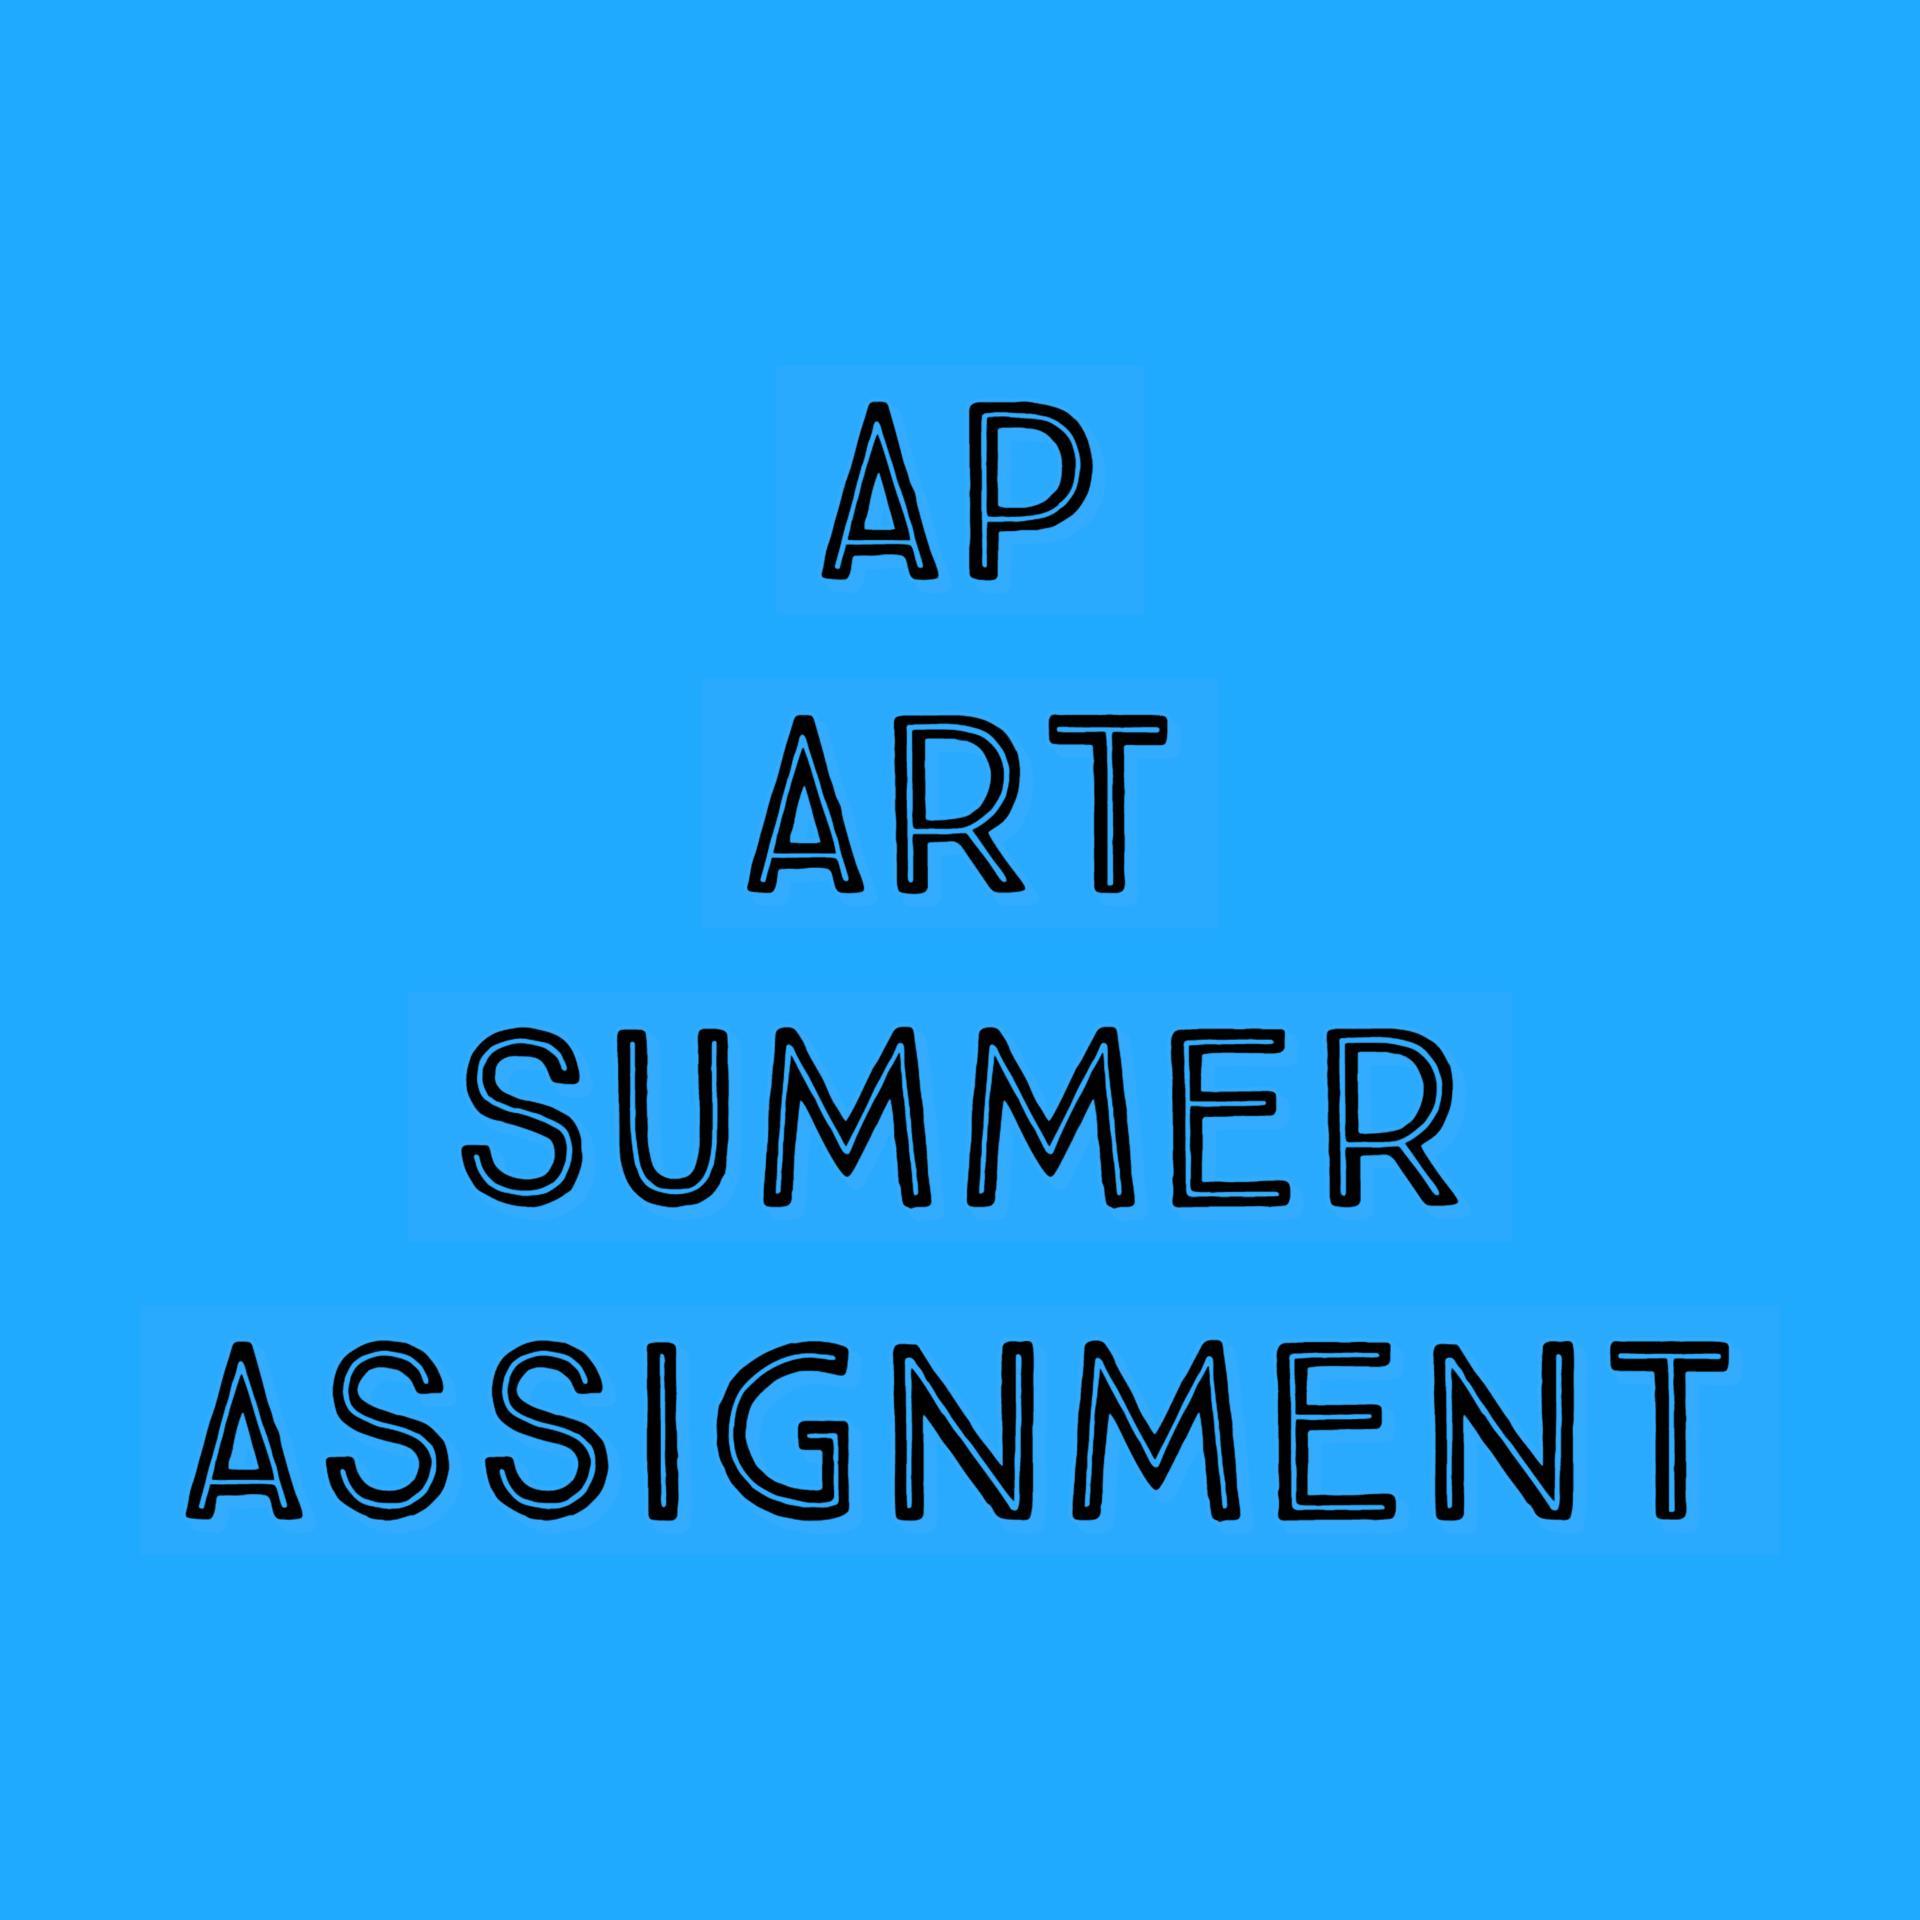 AP ART SUMMER